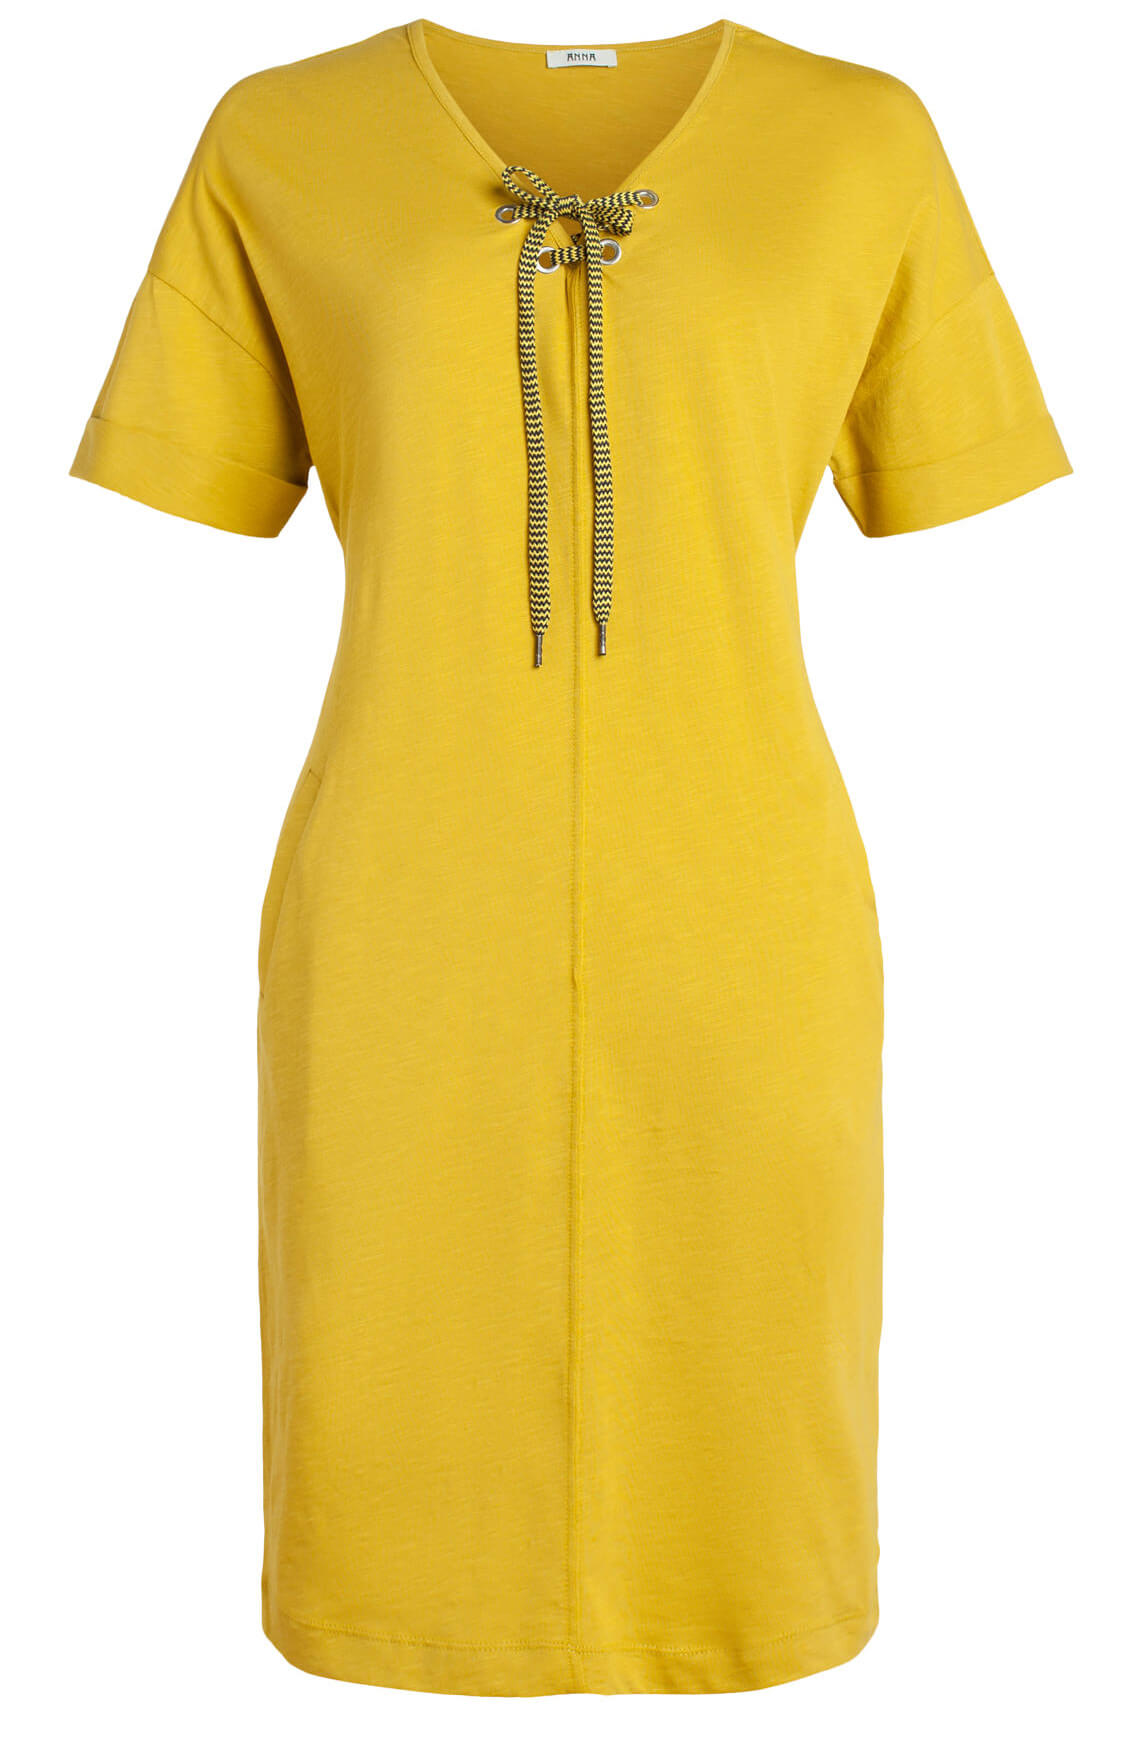 Anna Dames Jurk met strikdetail geel